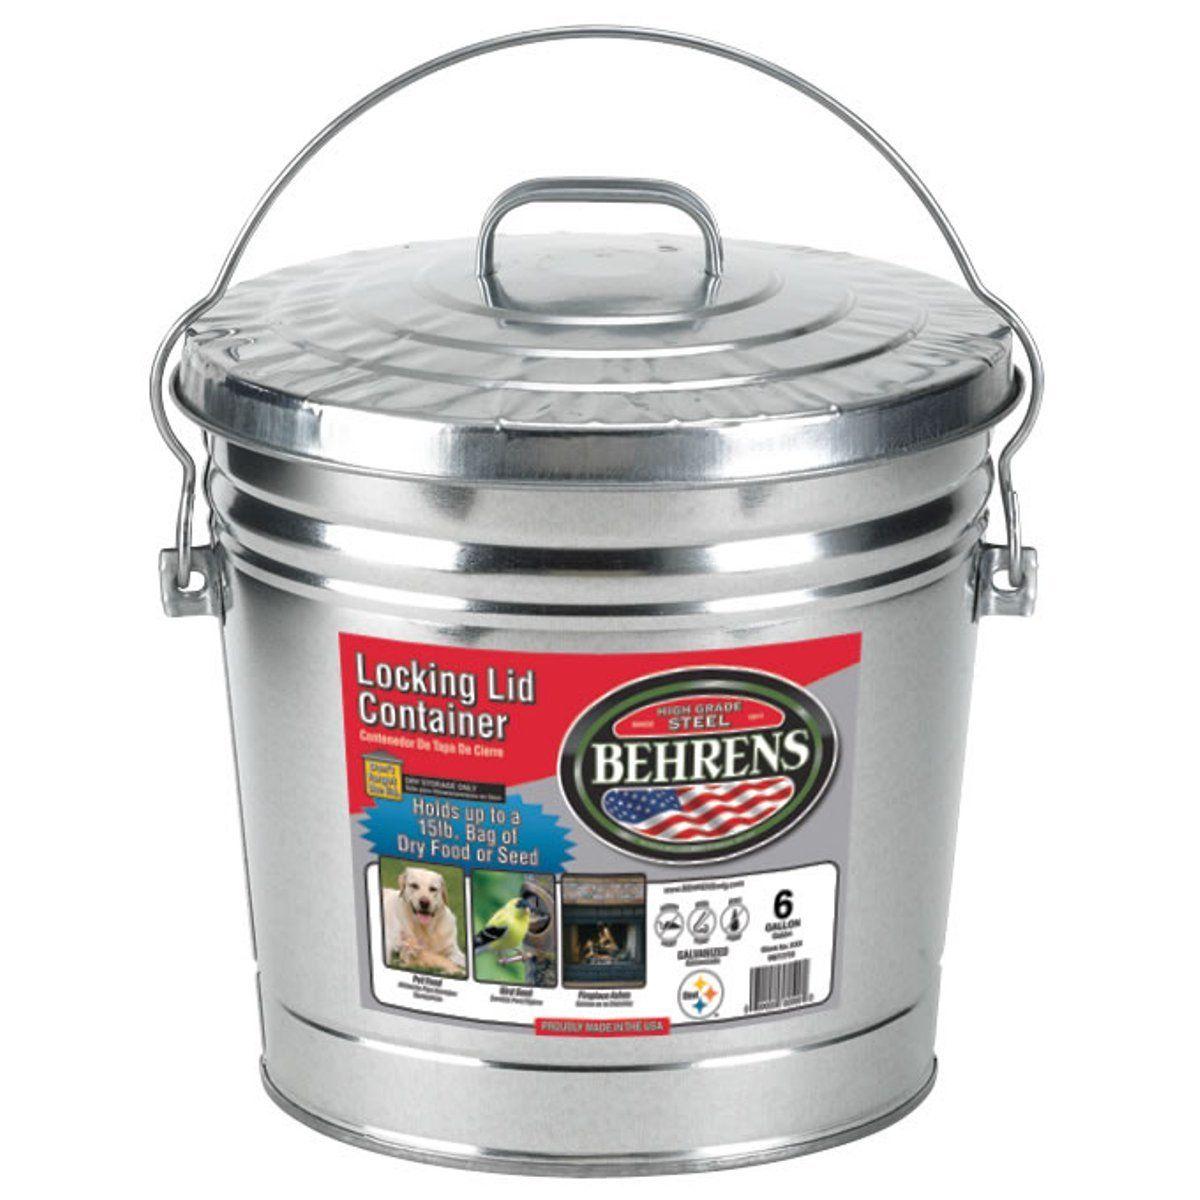 15 behrens 6106 6gallon locking lid can kitchen trash